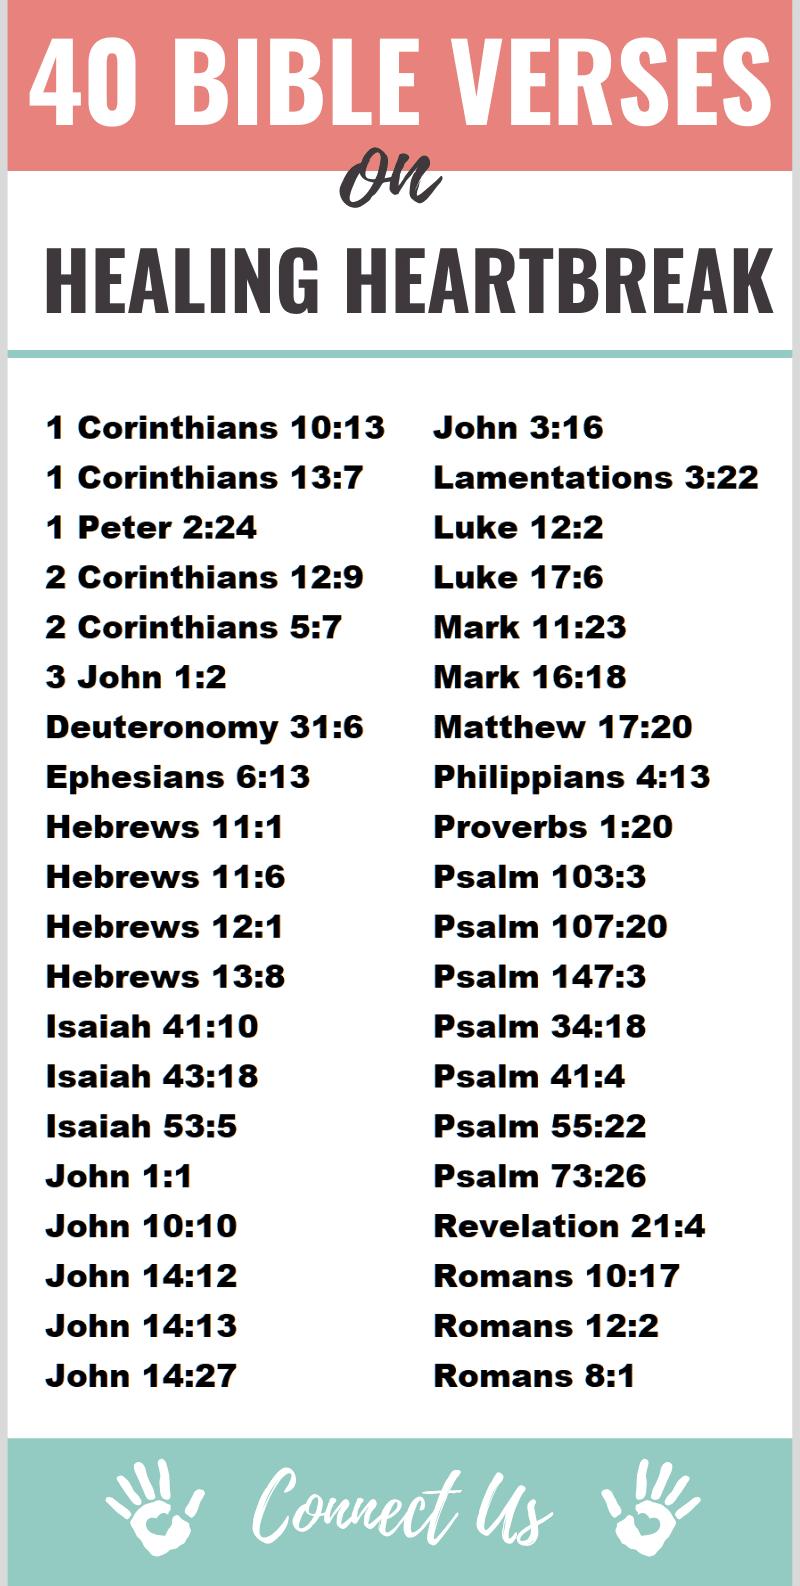 Bible Verses on Healing a Broken Heart